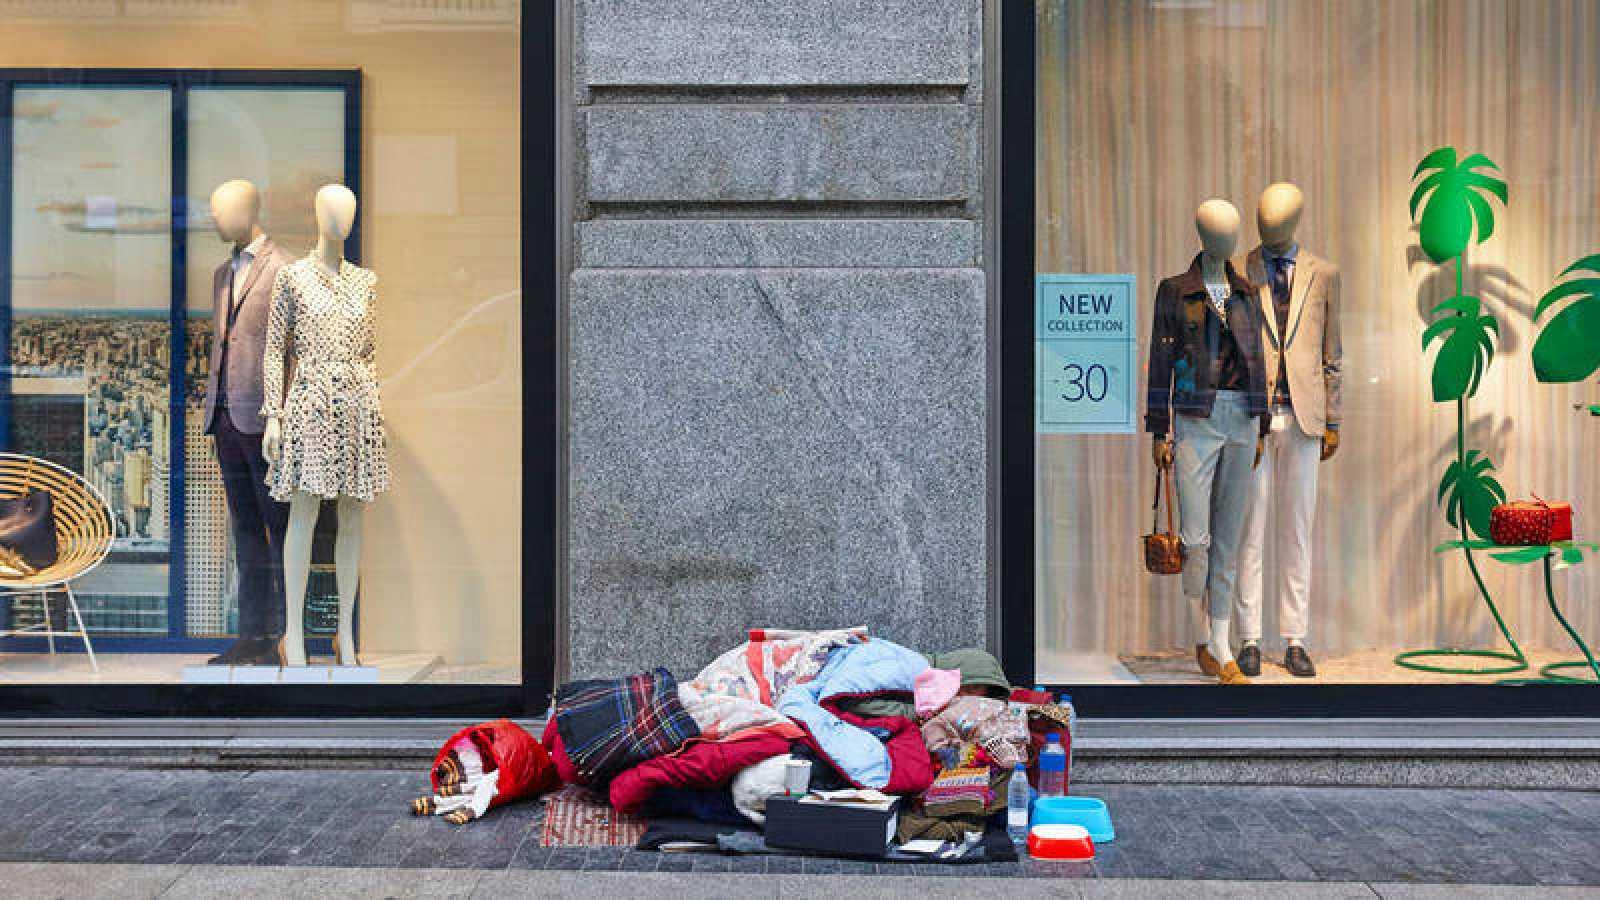 Una mujer duerme en la acera de una gran ciudad bajo los esaparates de una tienda de moda.